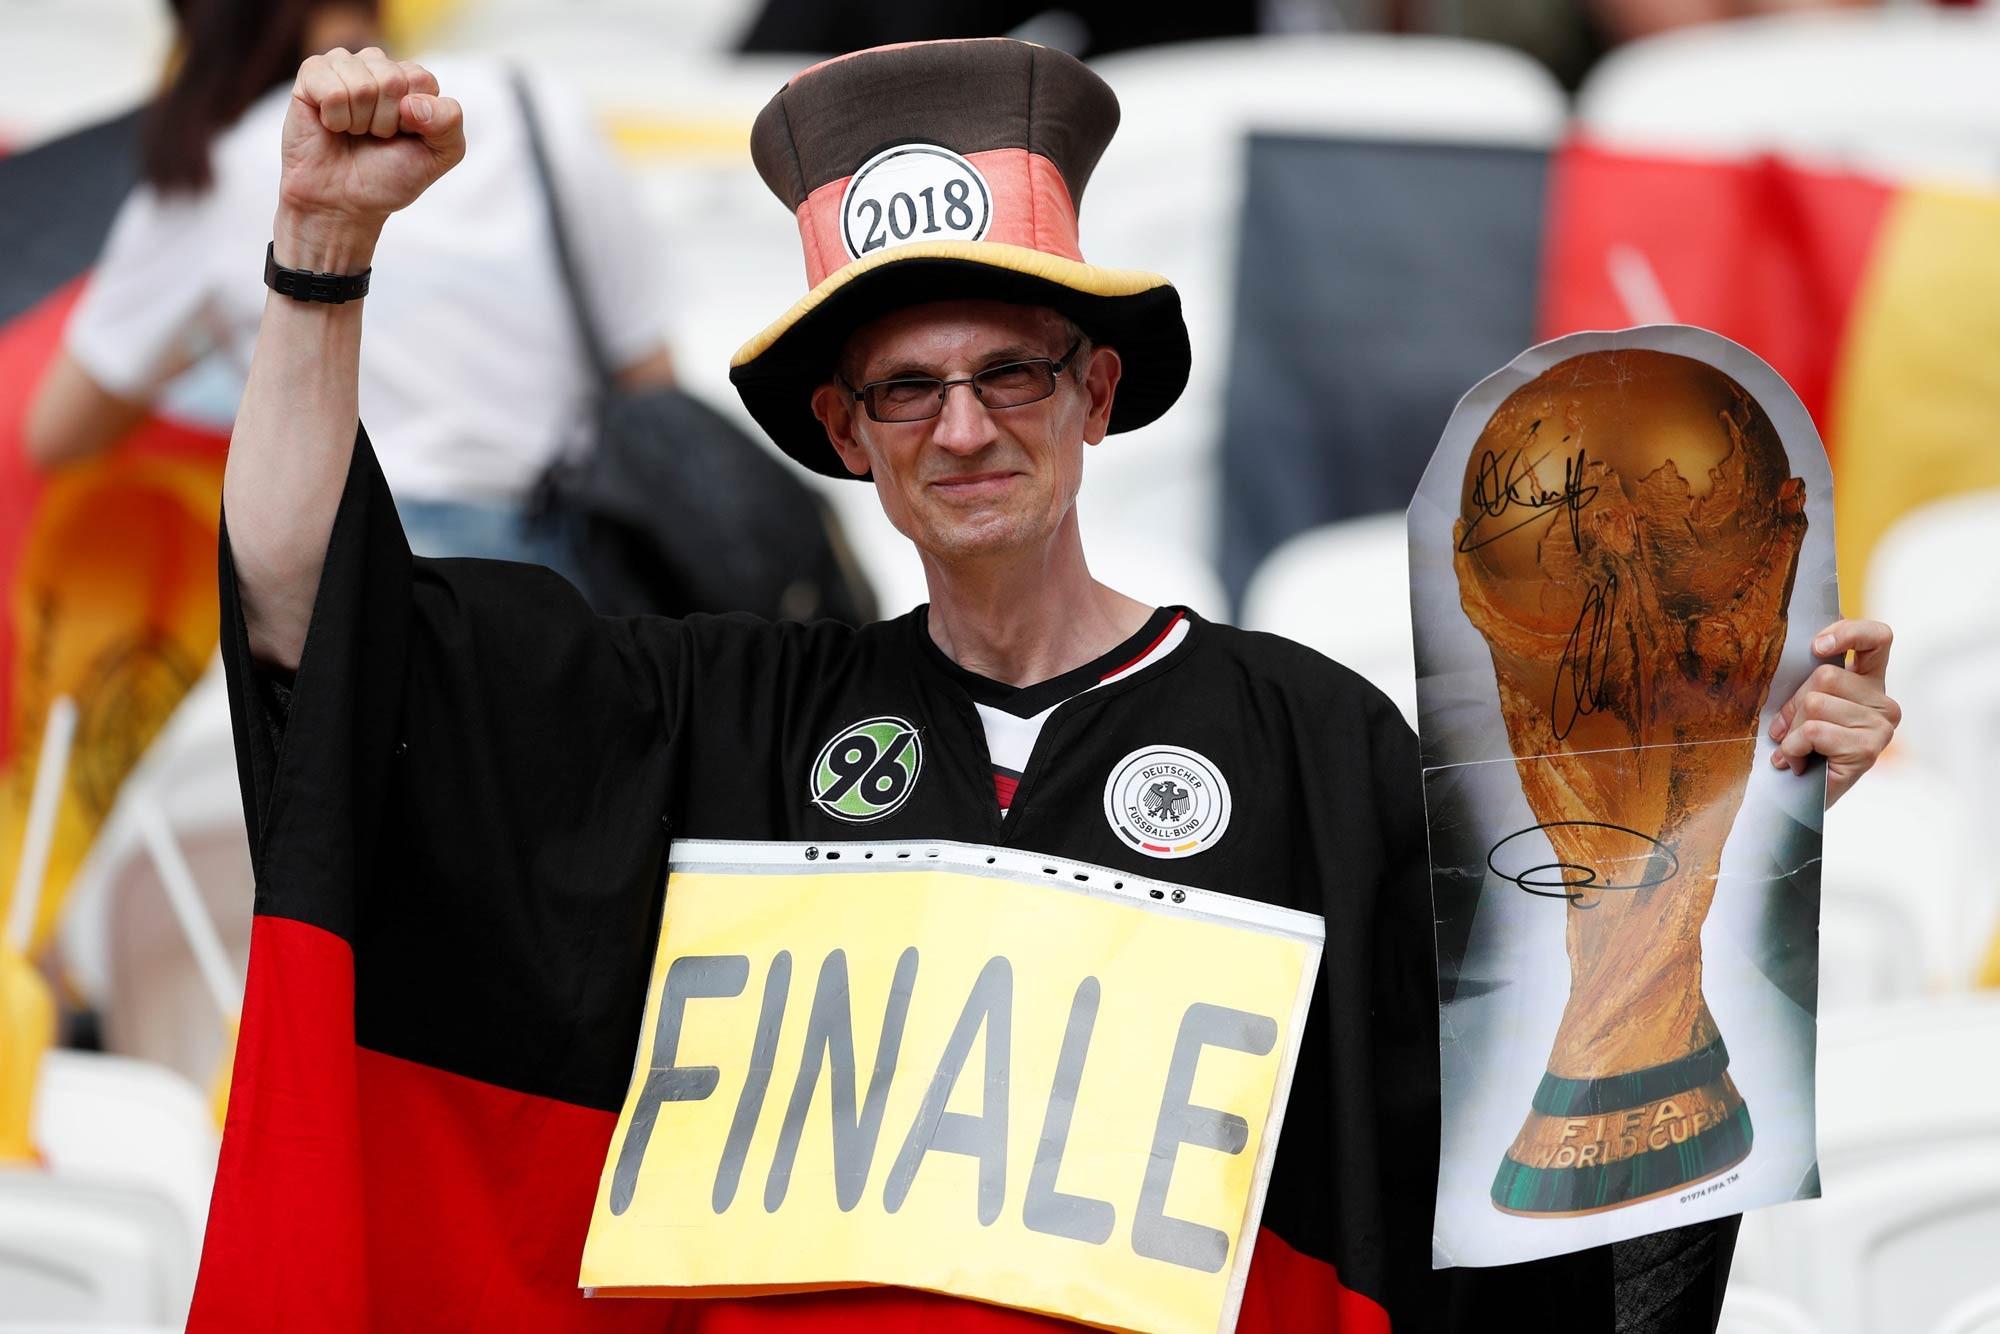 Copa do Mundo: 32 países, 32 torcedores loucos por suas seleções; FOTOS